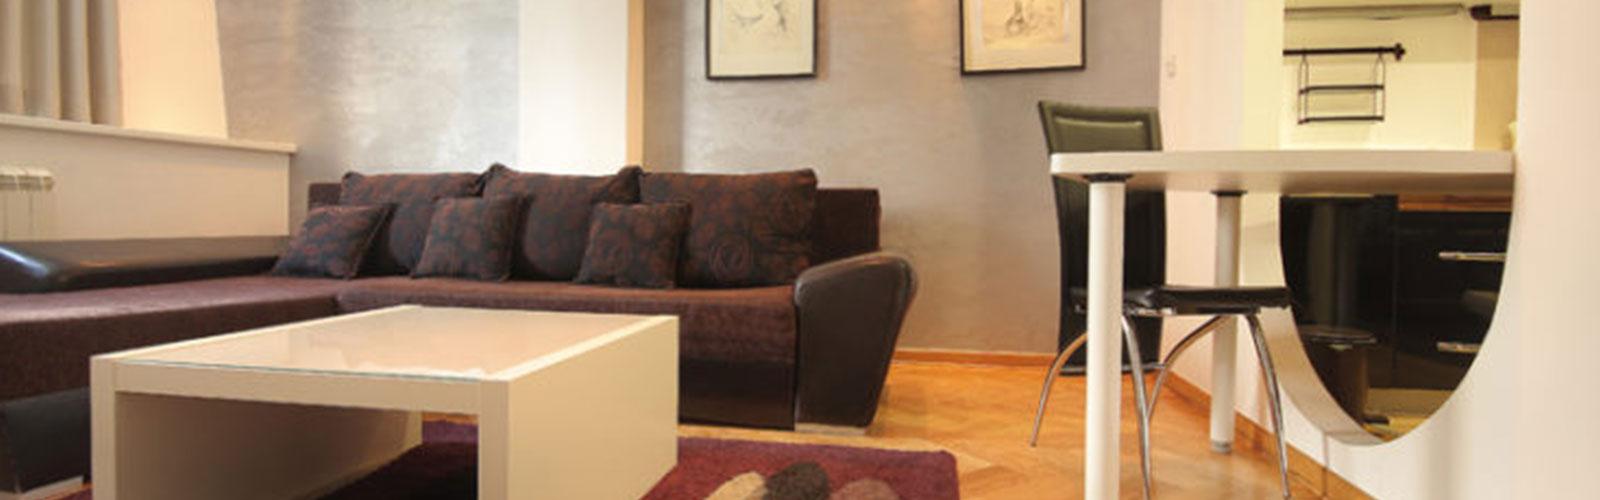 Concierge Belgrade | Apartman Delta Top 18